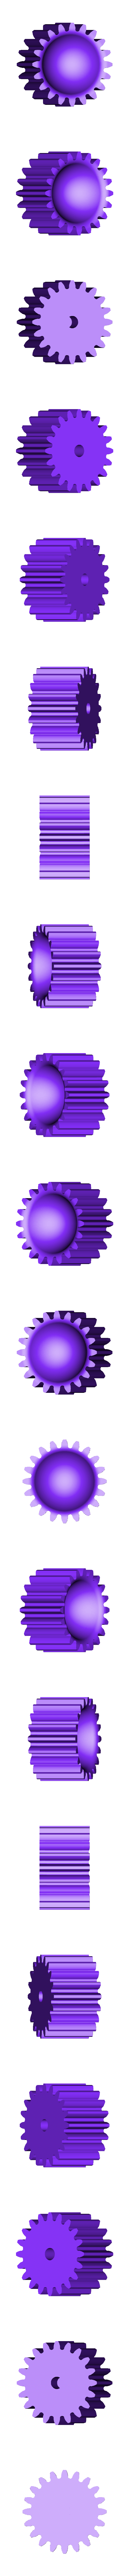 EggHolderGears.stl Download free STL file MechanicalEggHolder • 3D printable object, Digitang3D